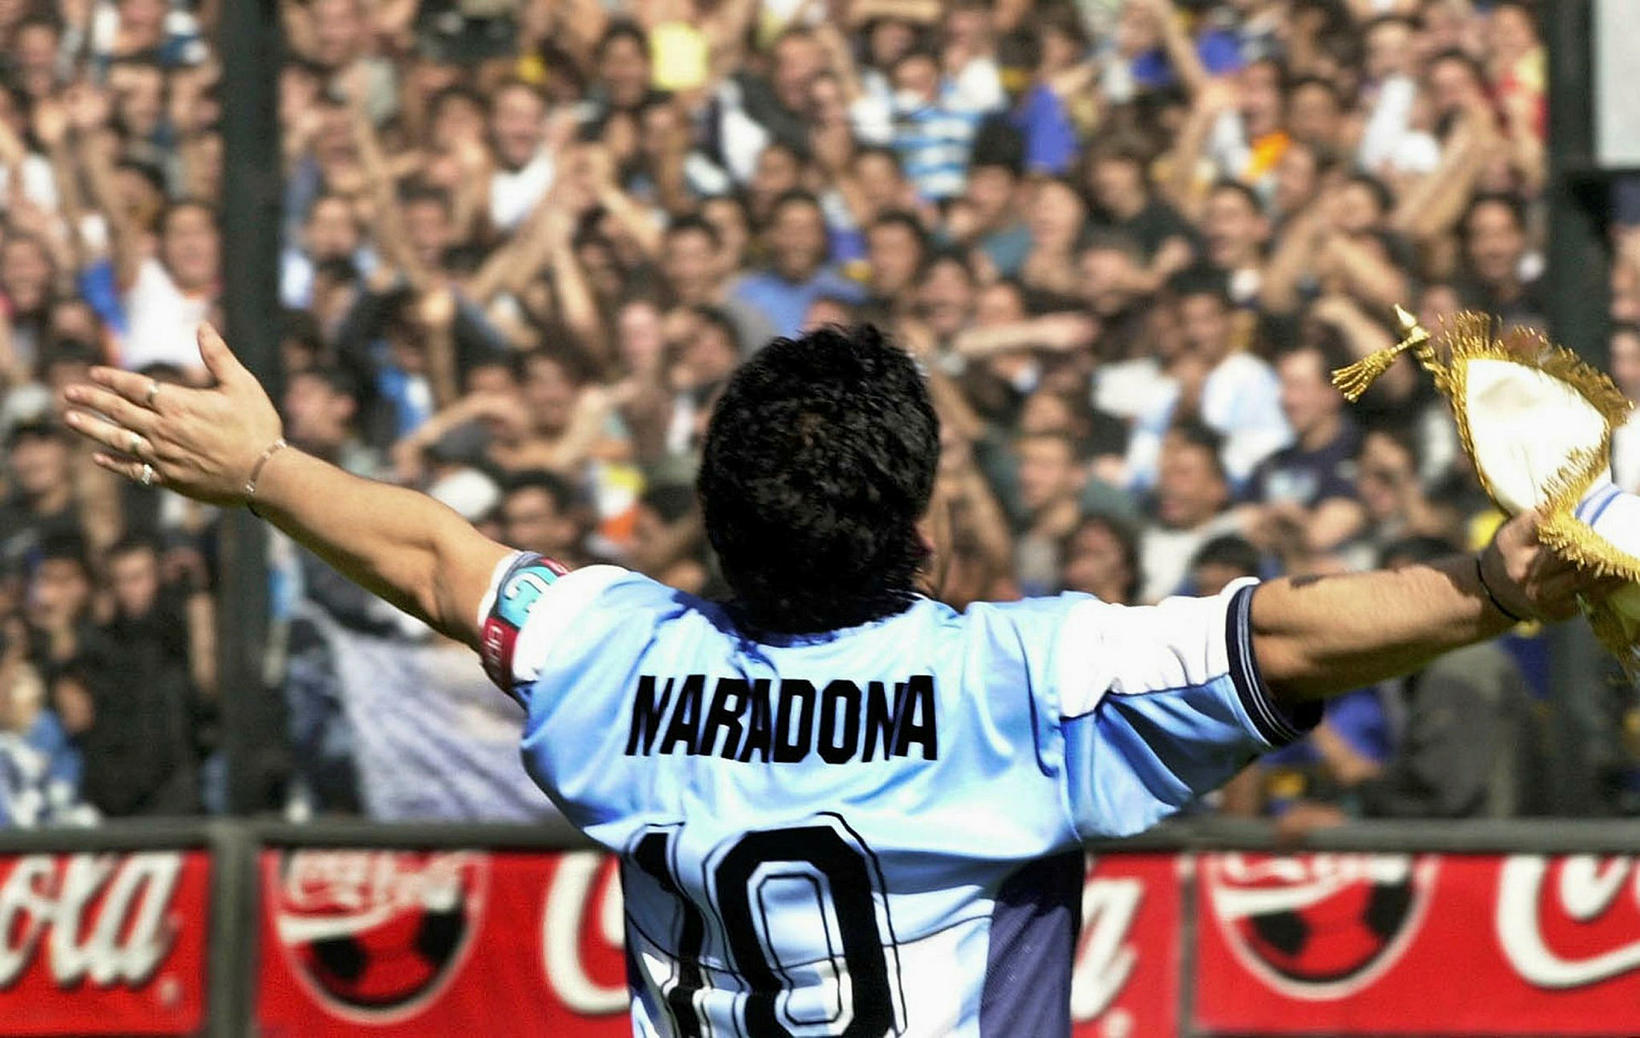 Það ríkir þjóðarsorg í Argentínu eftir fráfall Maradona.